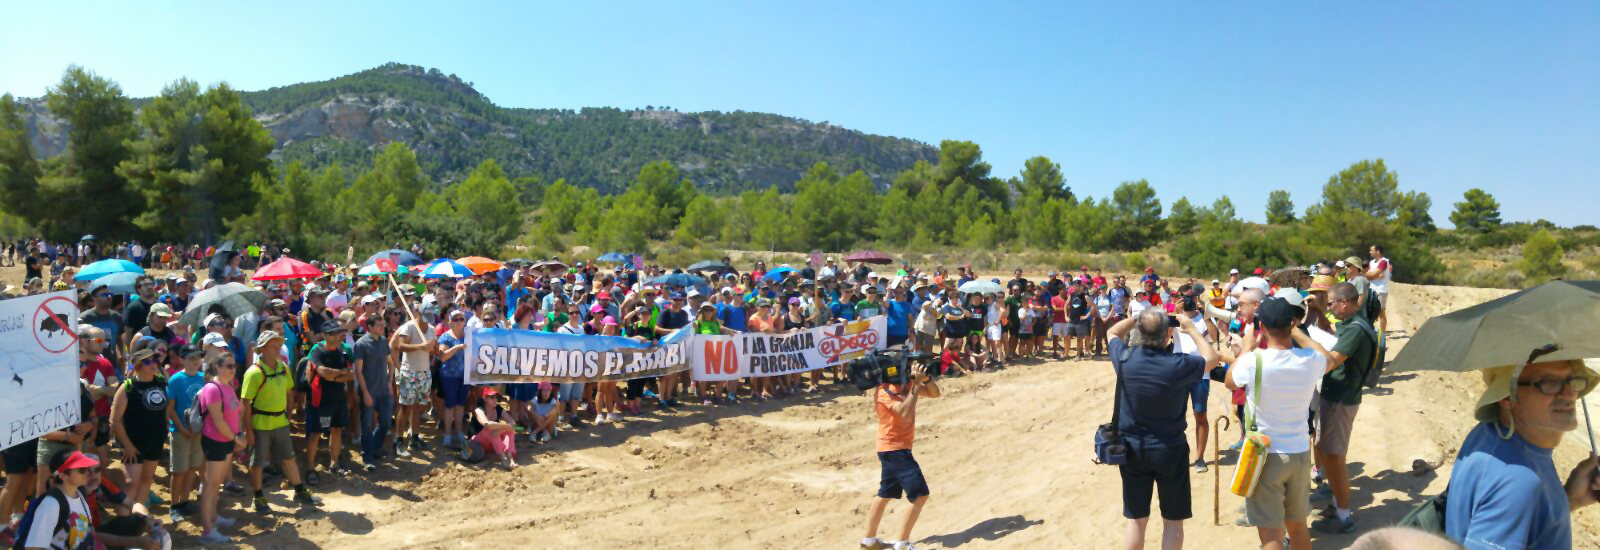 Imagen de la concentración de la mañana, en Pozo Buitrera